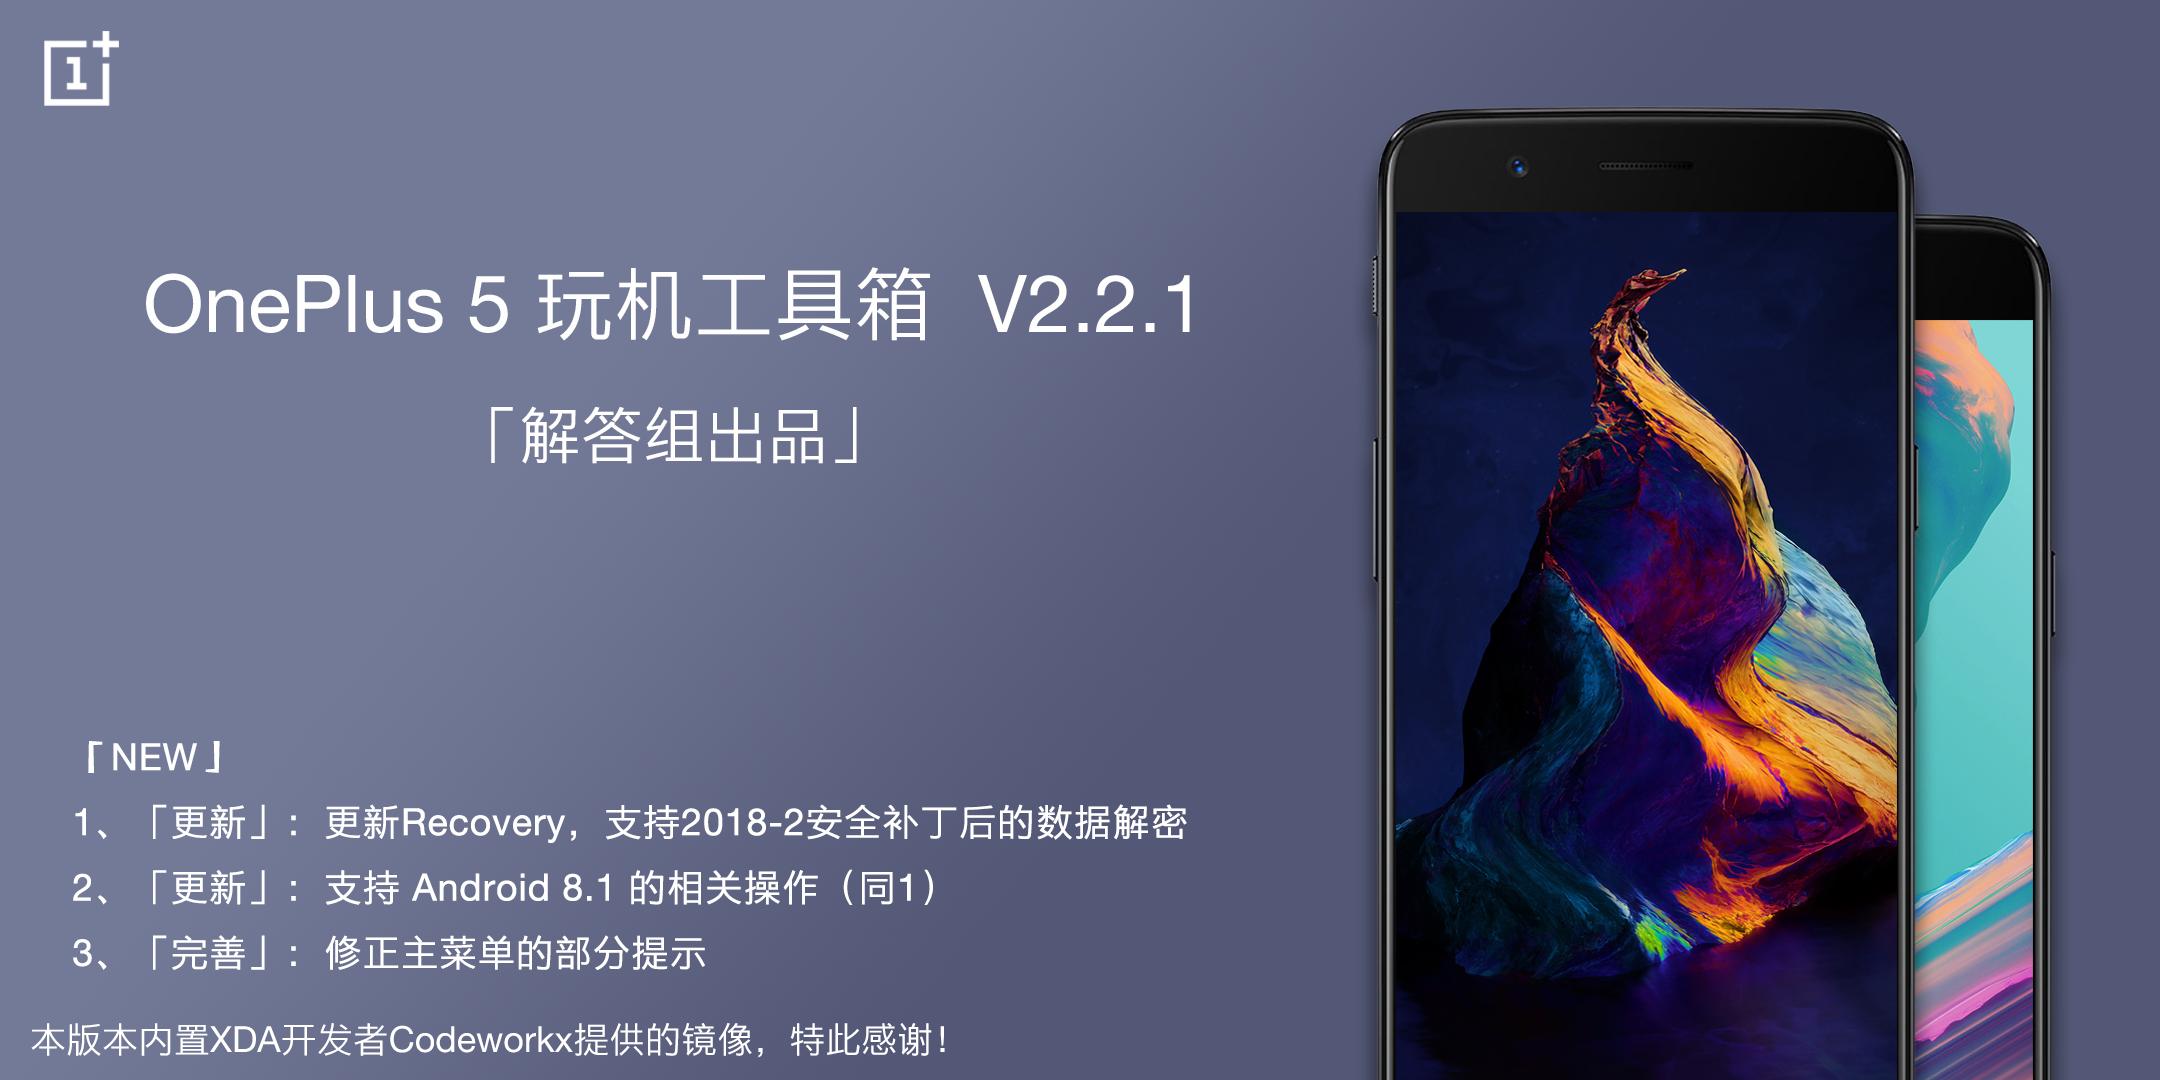 工具箱图新2.2.1.png